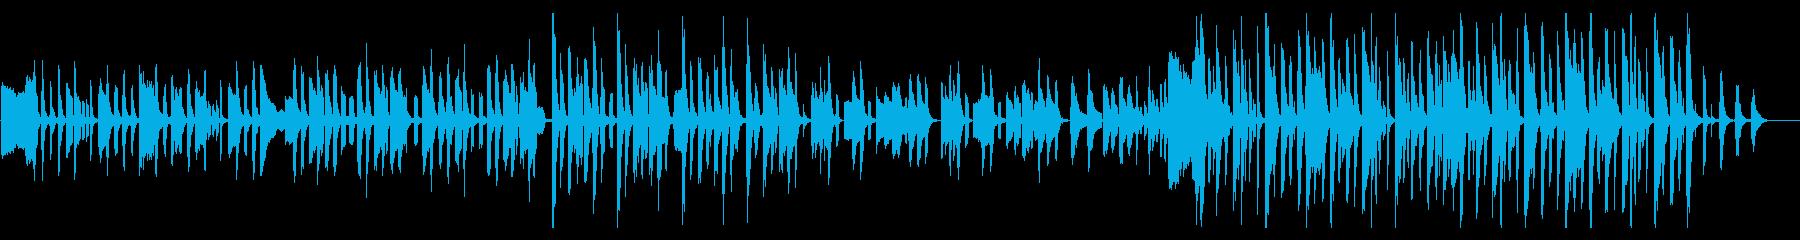 コミカルで気の抜けた楽しいギャグ系BGMの再生済みの波形